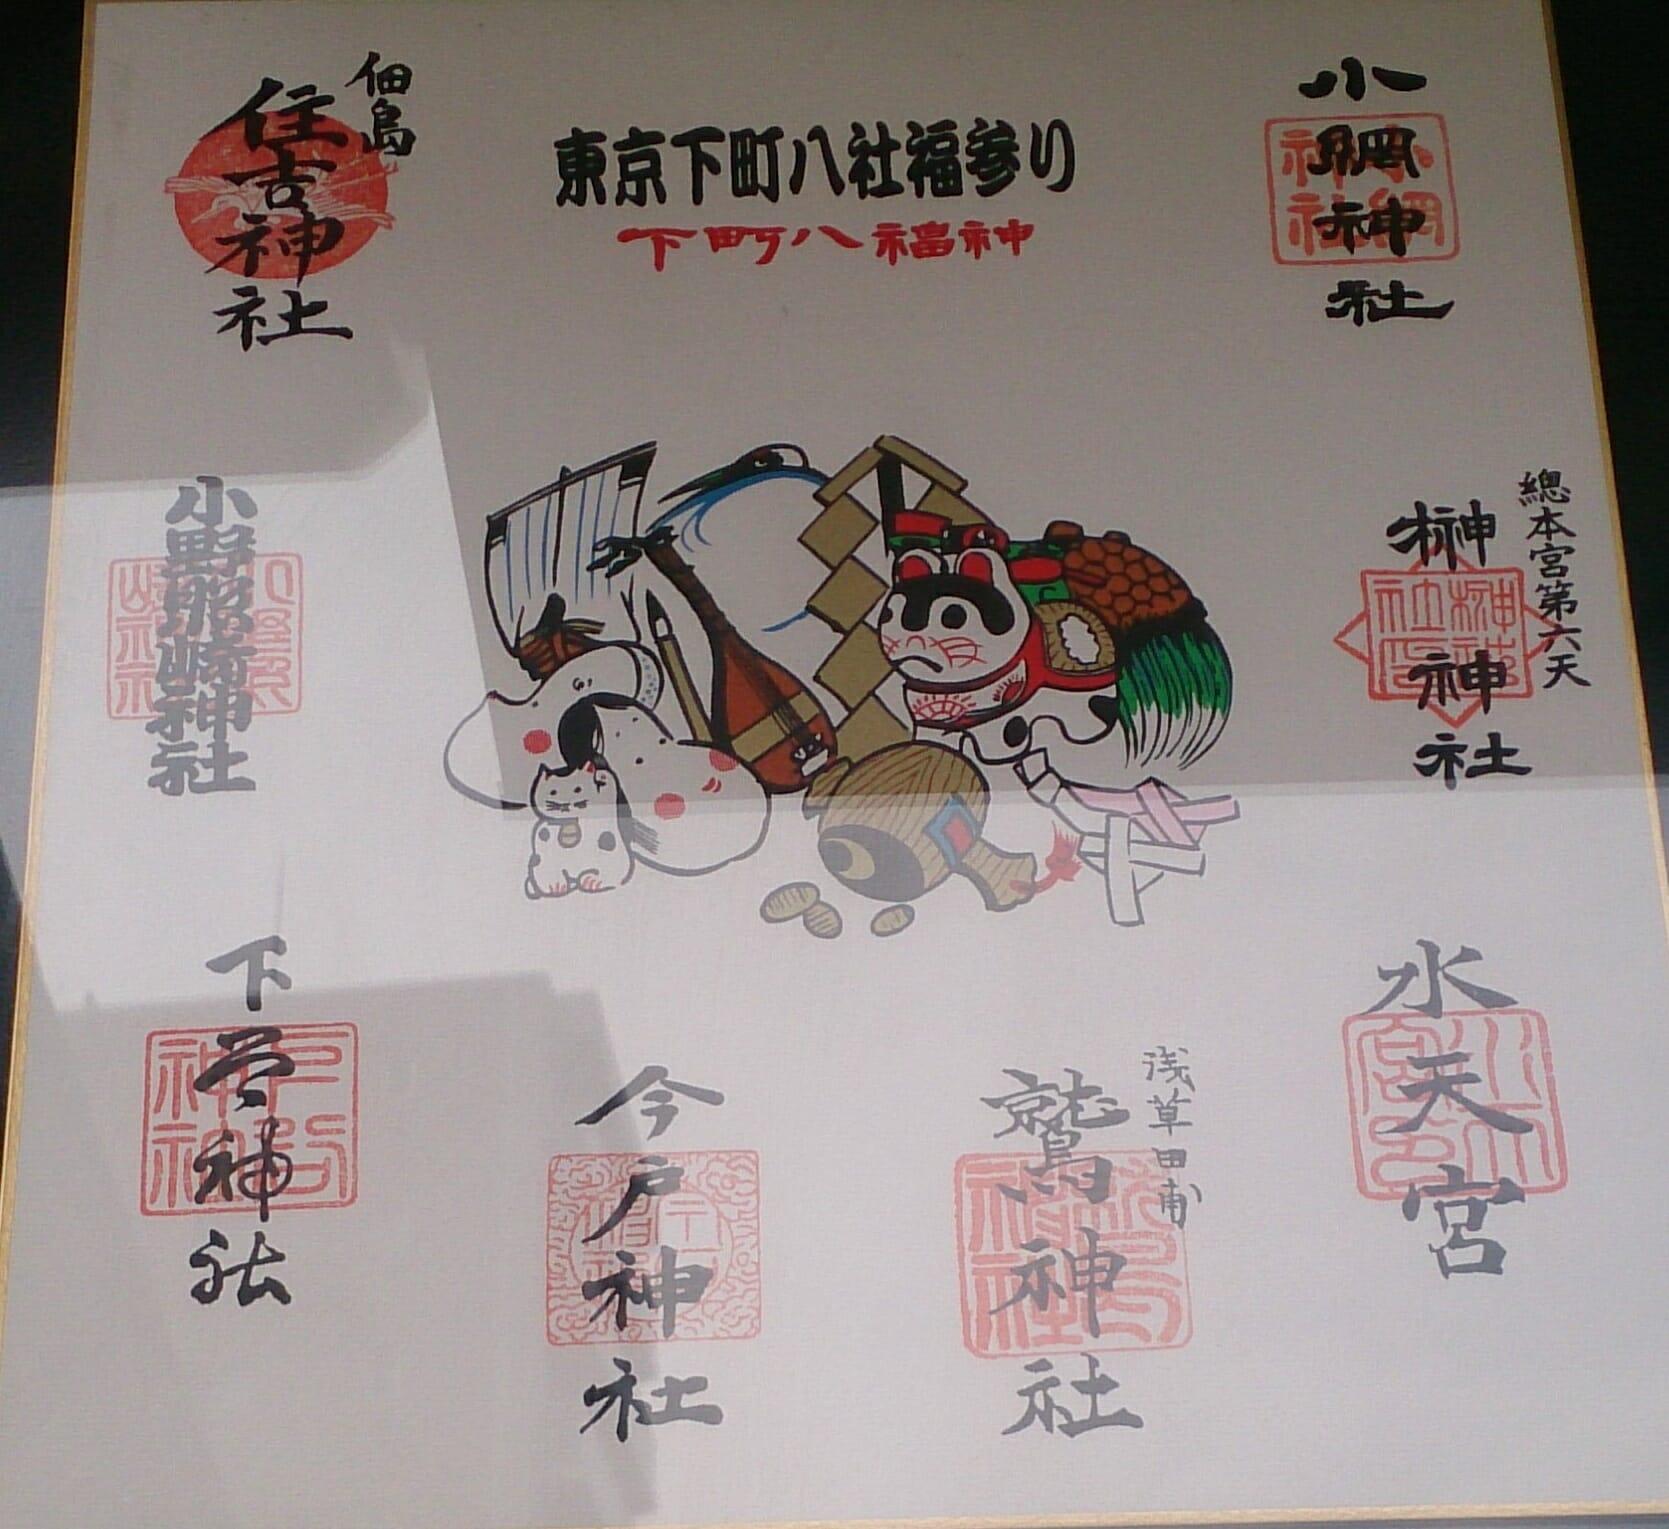 東京下町八社福参りの色紙と各社の御朱印